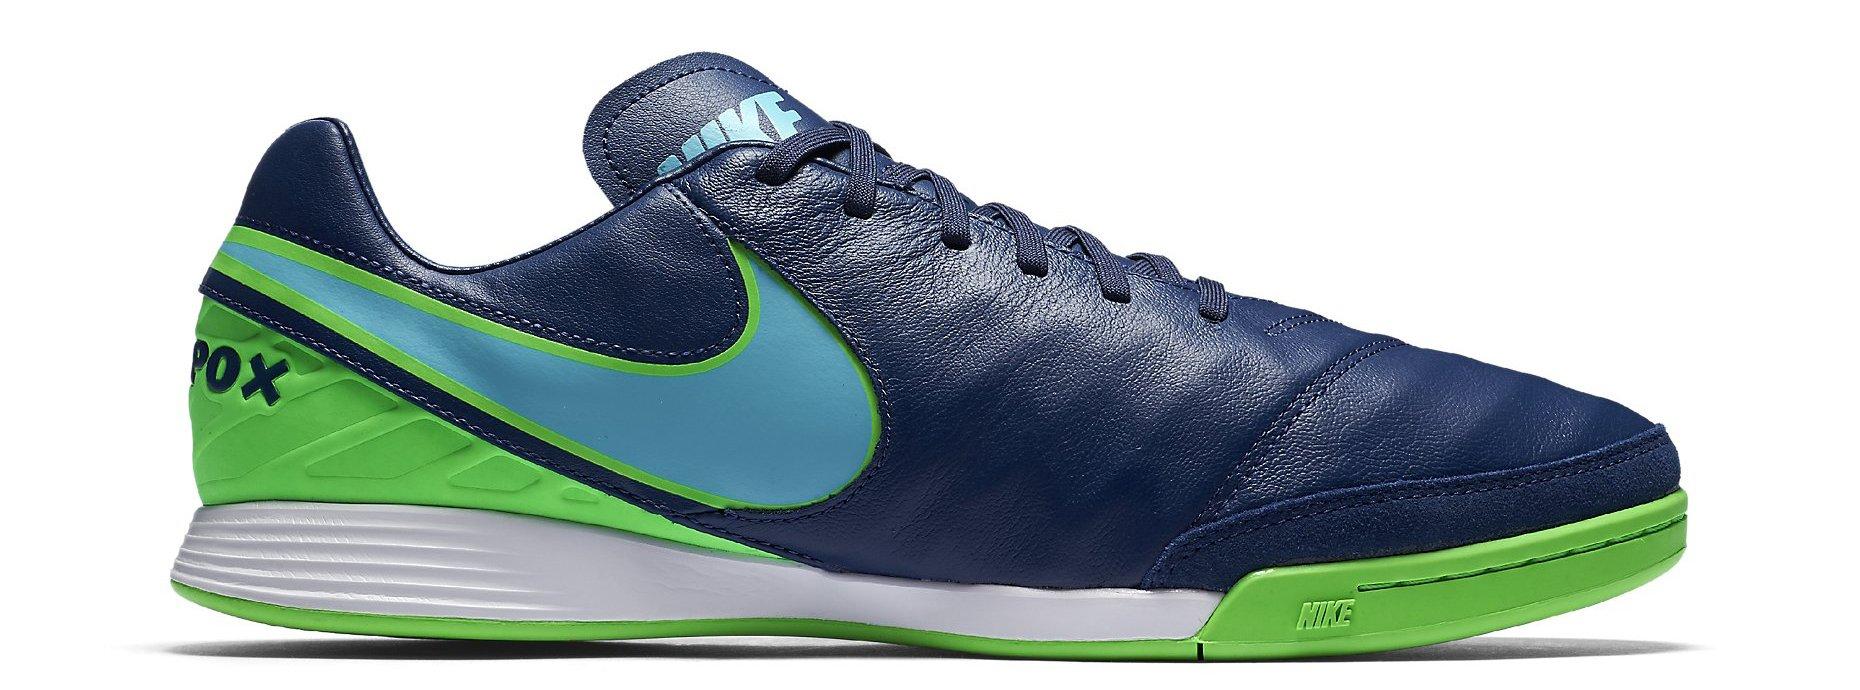 Sálovky Nike Tiempo Mystic V IC